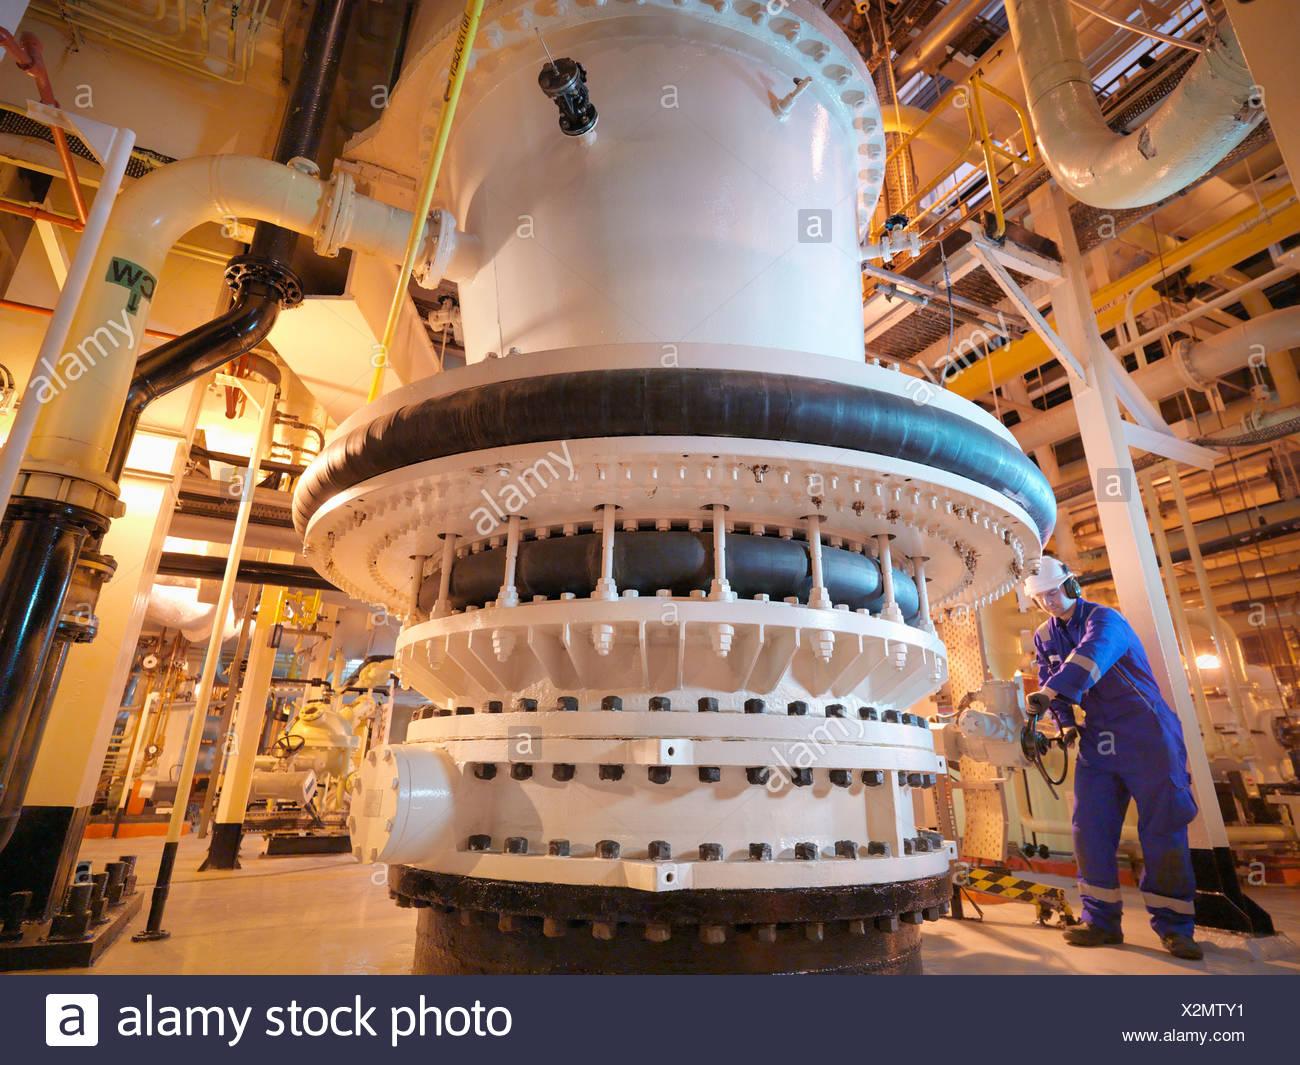 Engineer adjusting seawater valve in power - Stock Image